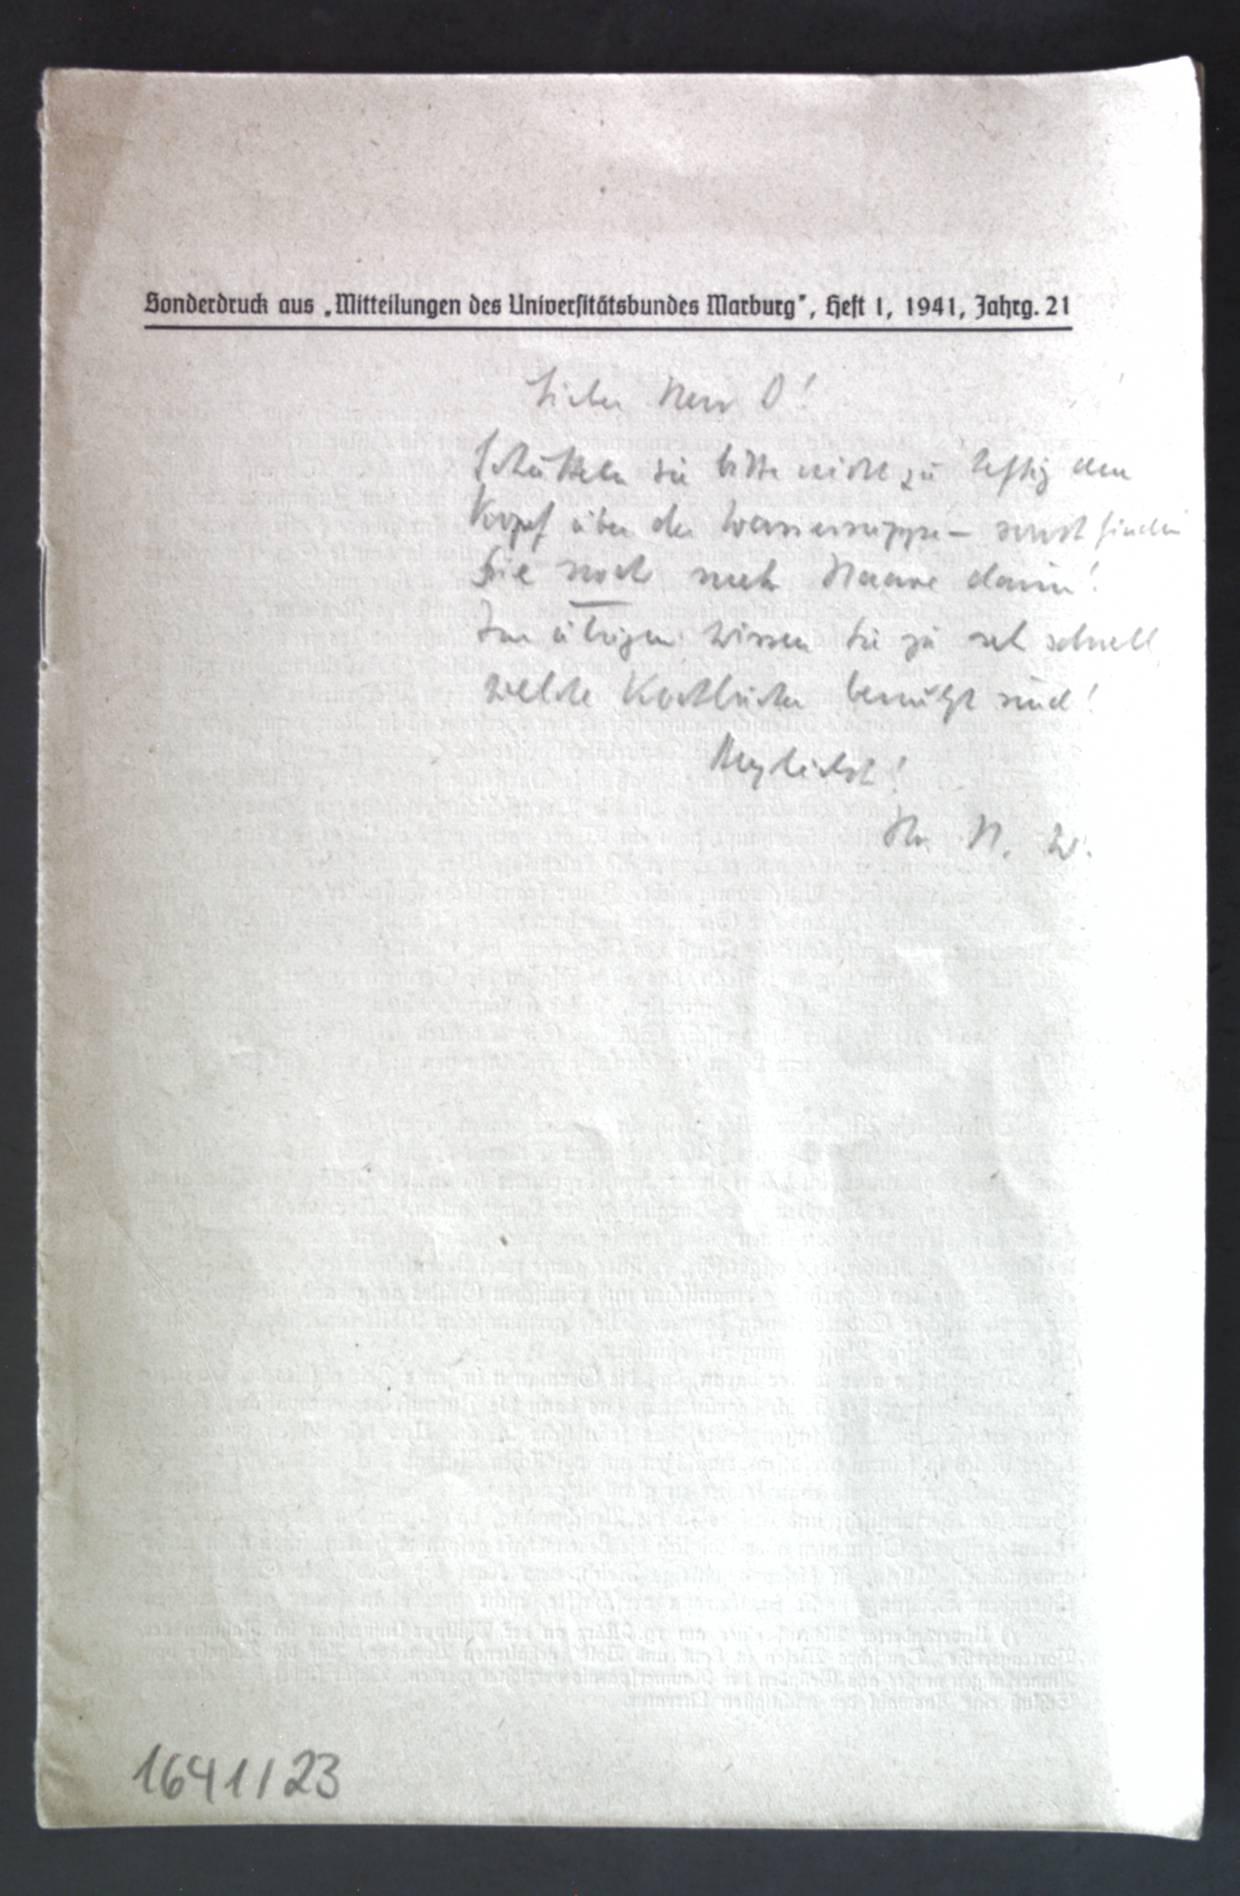 Germanische Staatsbildung außerhalb Deutschlands; Sonderdruck au:Mitteilungen des: Weirich, Hans: